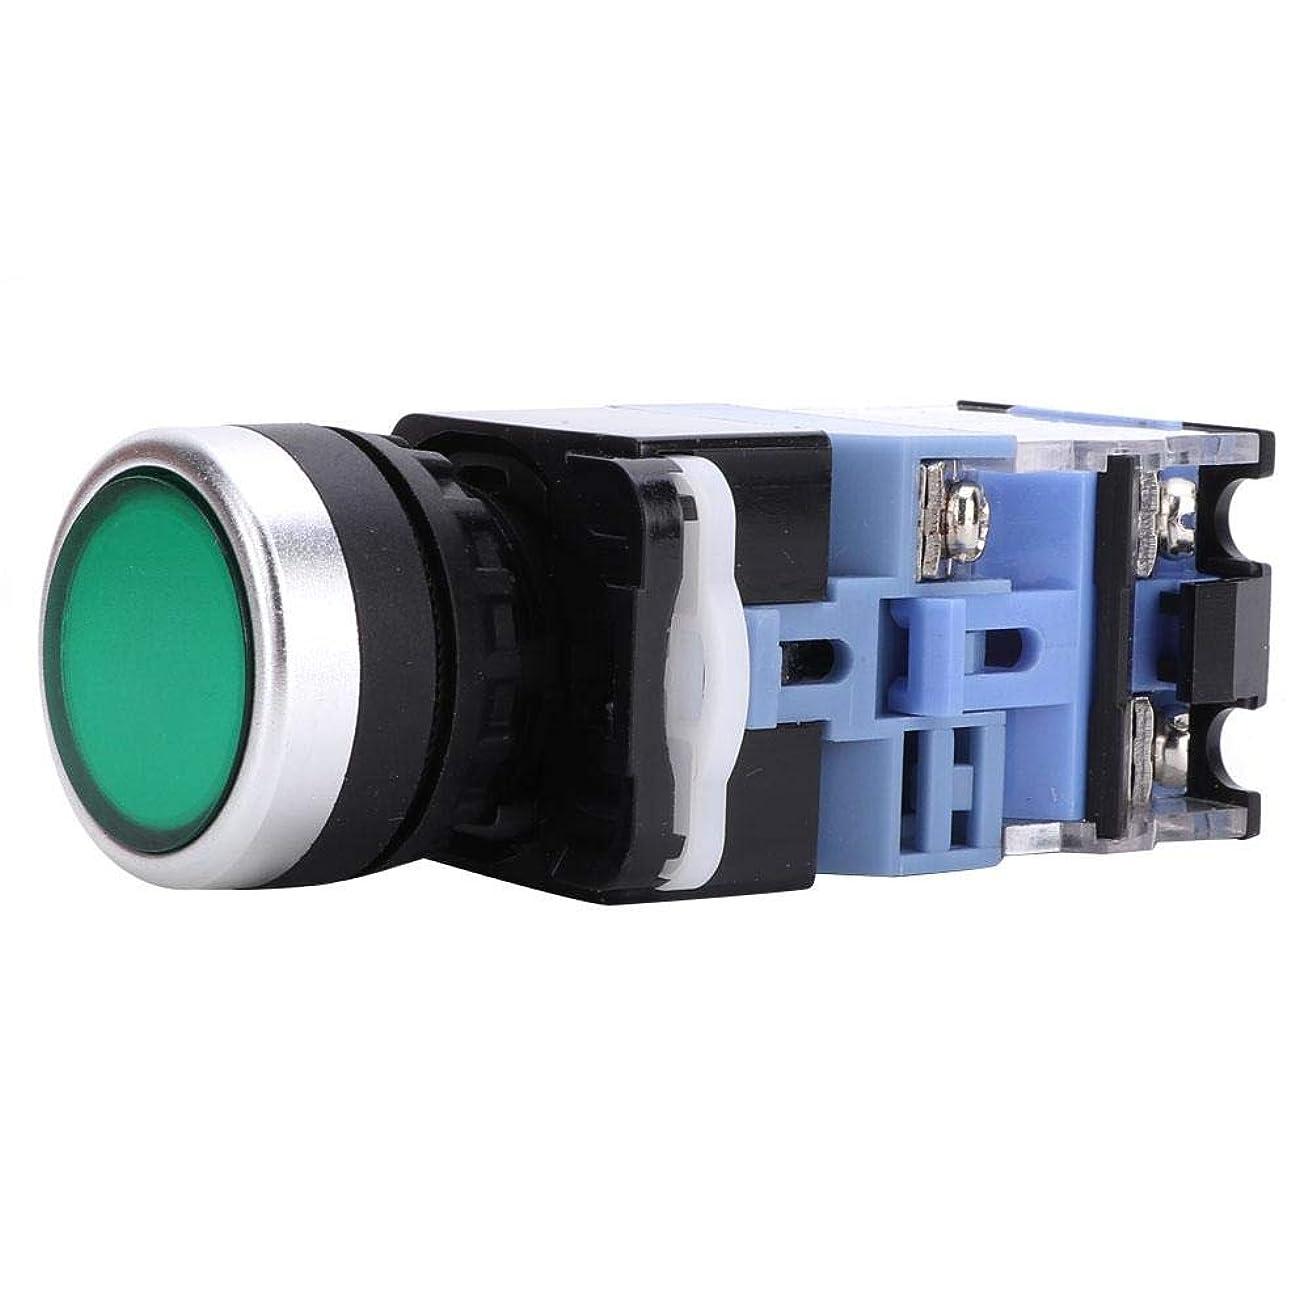 性格反論村押しボタンスイッチ リセットスイッチ ライト付き AC/DC24V 10個セット 2mm セルフロック式フラットボタンスイッチ BEM38-11DS(4)